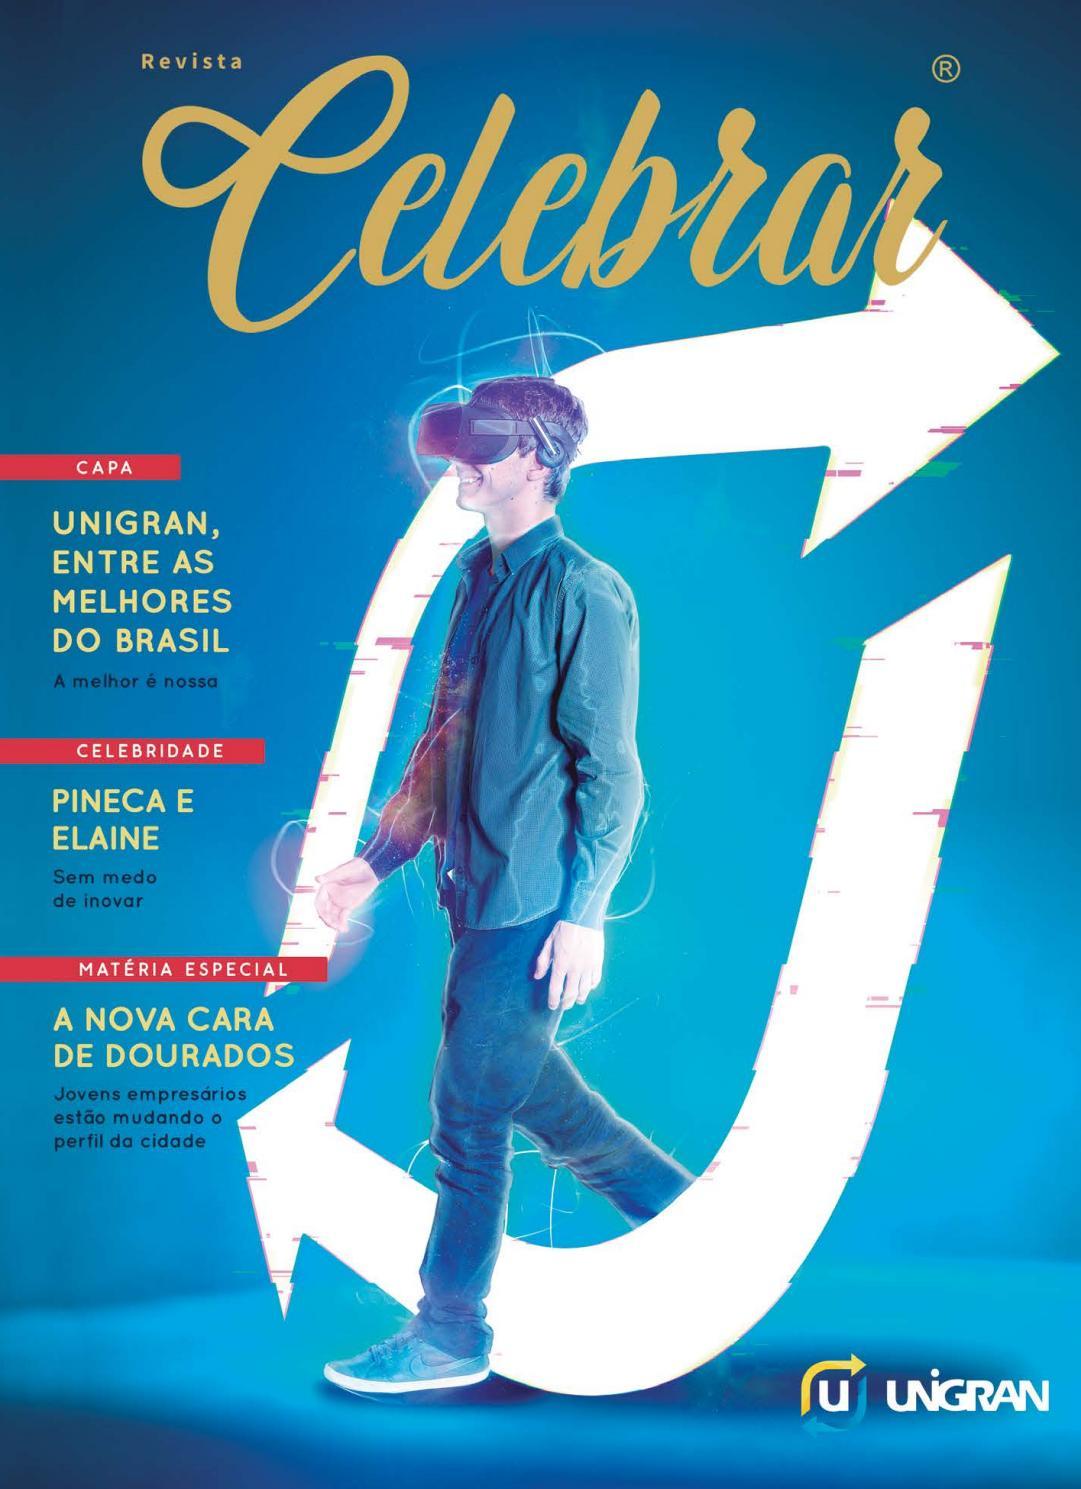 002882f49416d 11ª Edição - Revista Celebrar by Integre Criativa - issuu